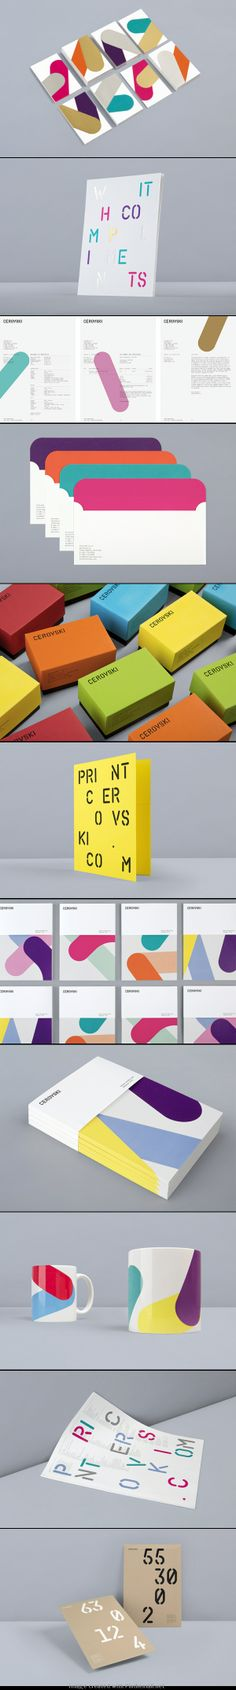 Cerovski Printers brand identity by Bunch, London